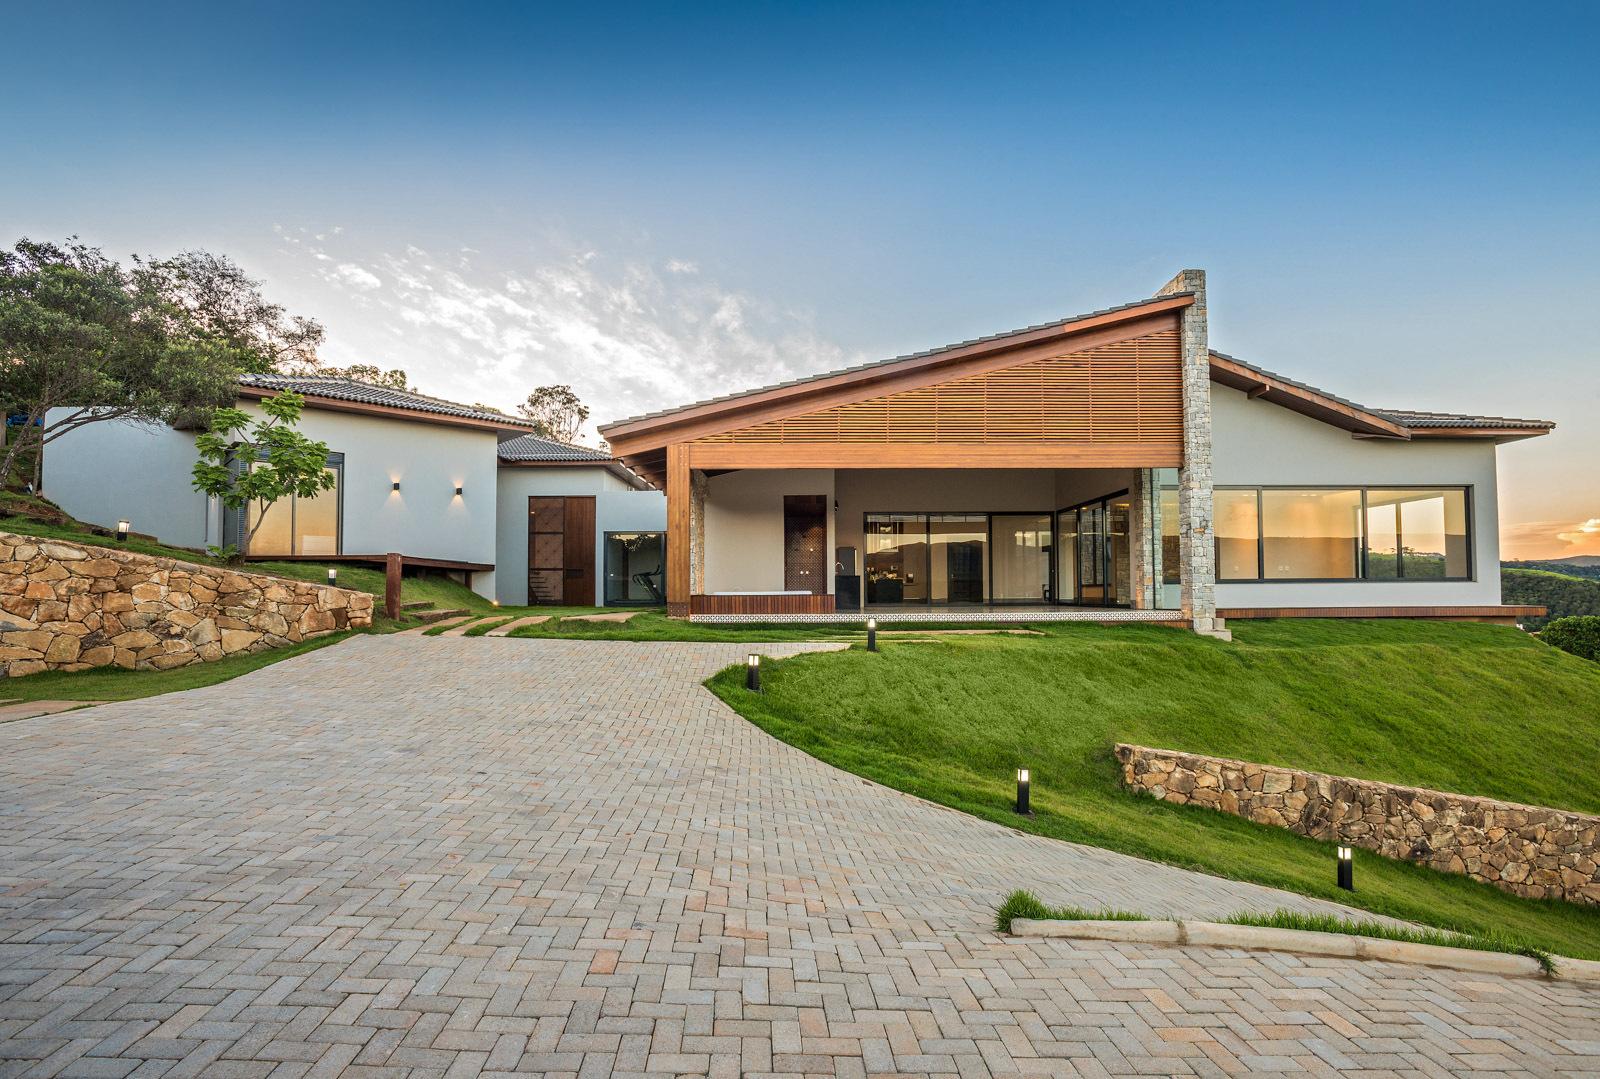 Casa Pasárgada / MASV - Amália Vieira Arquitetura